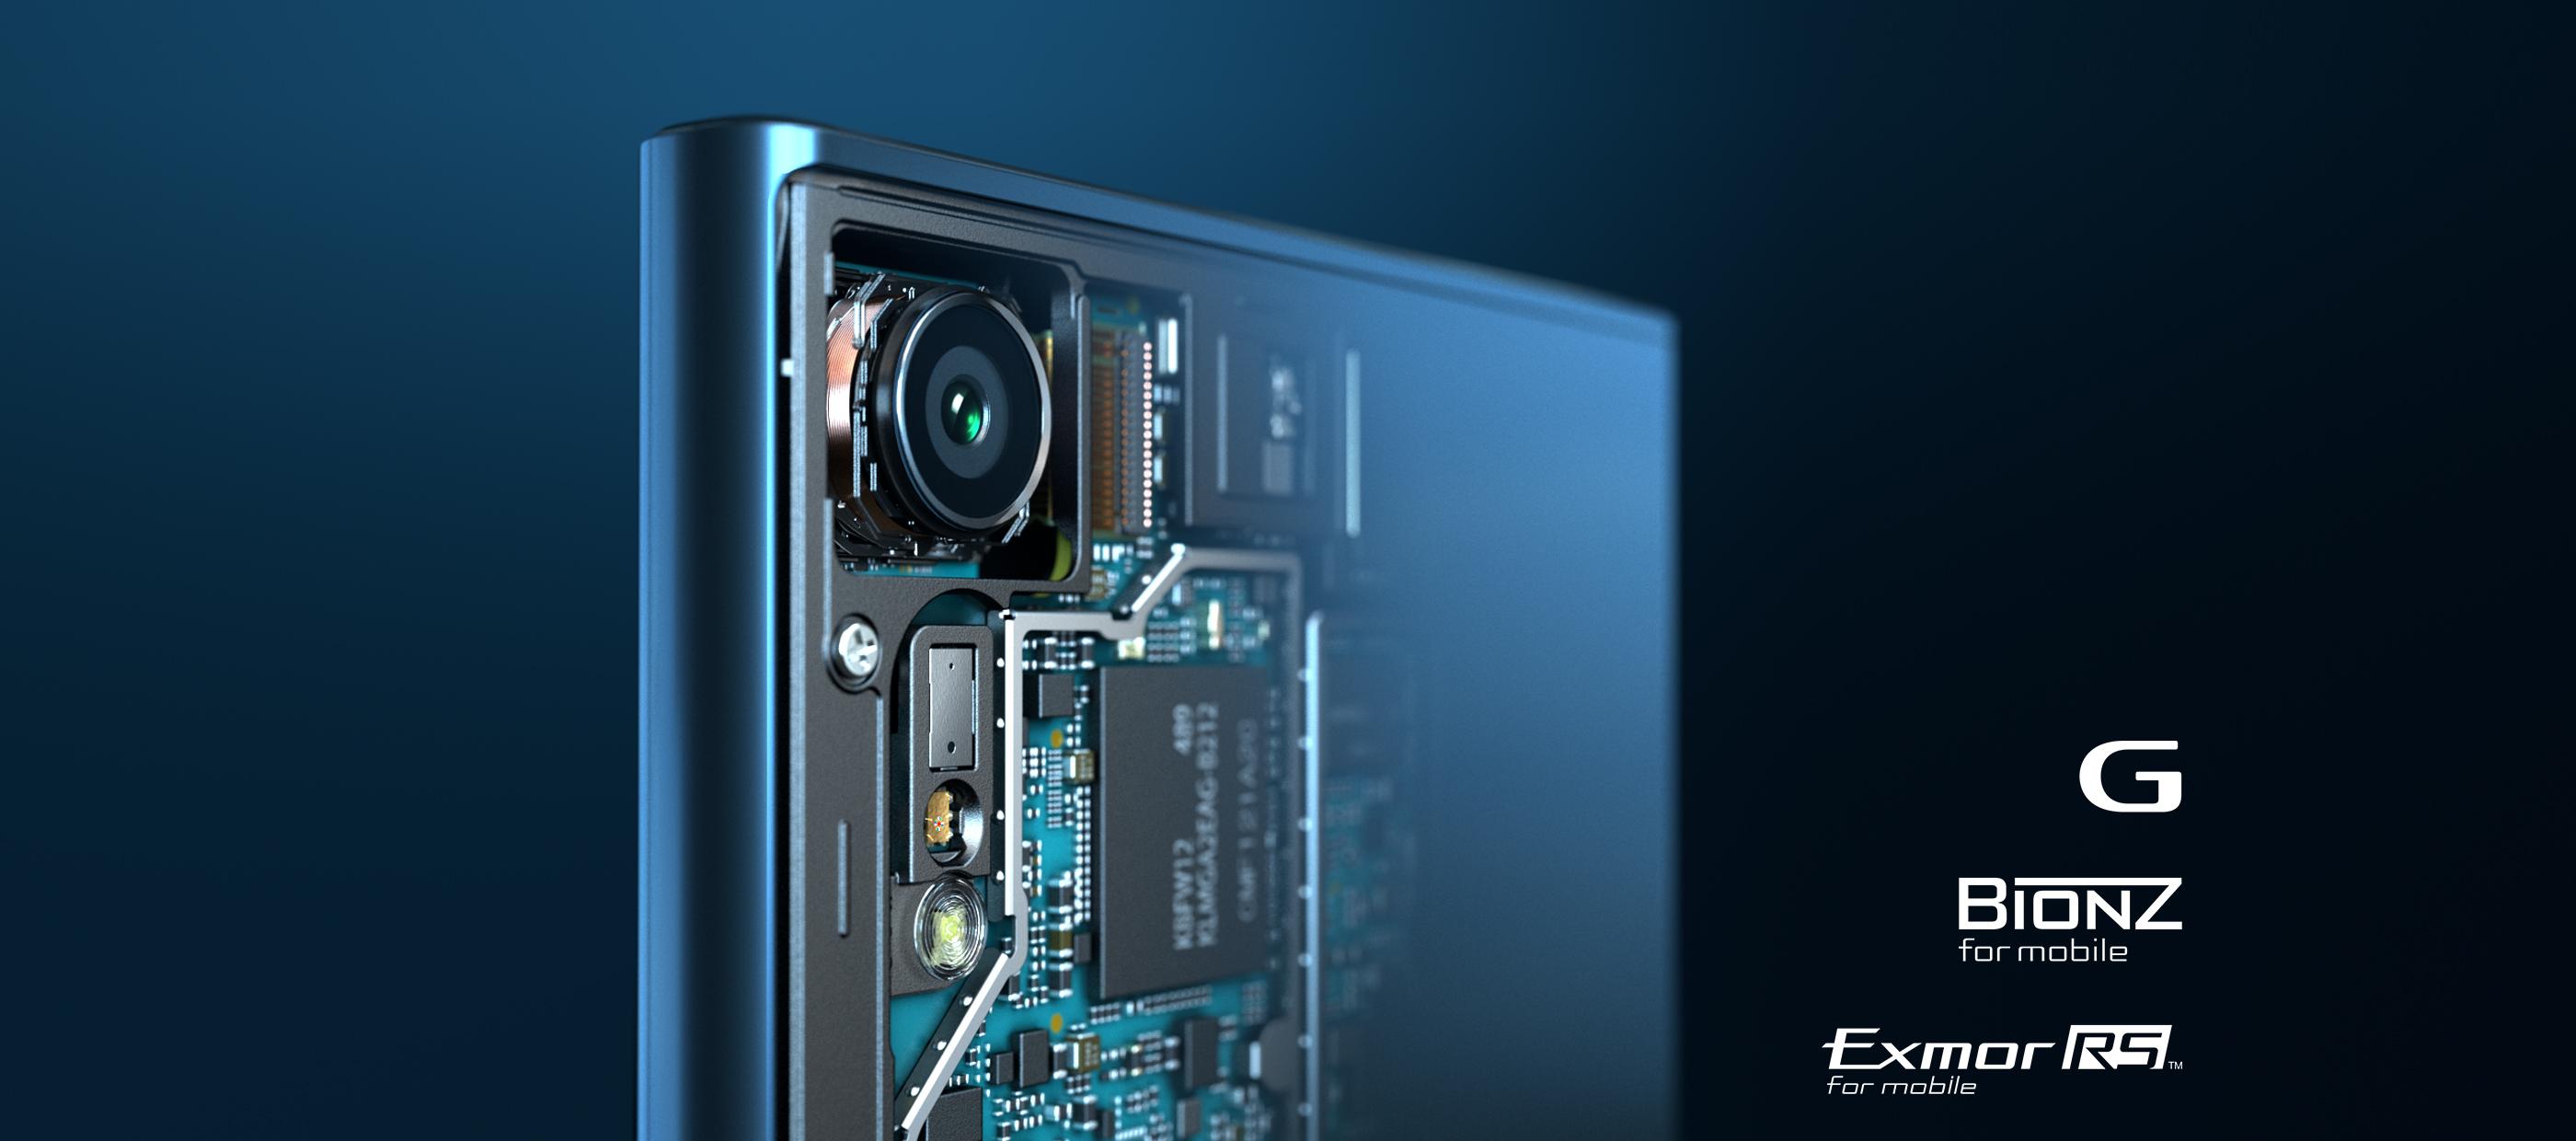 Tout notre savoir-faire en matière d'appareils photo, dans un smartphone